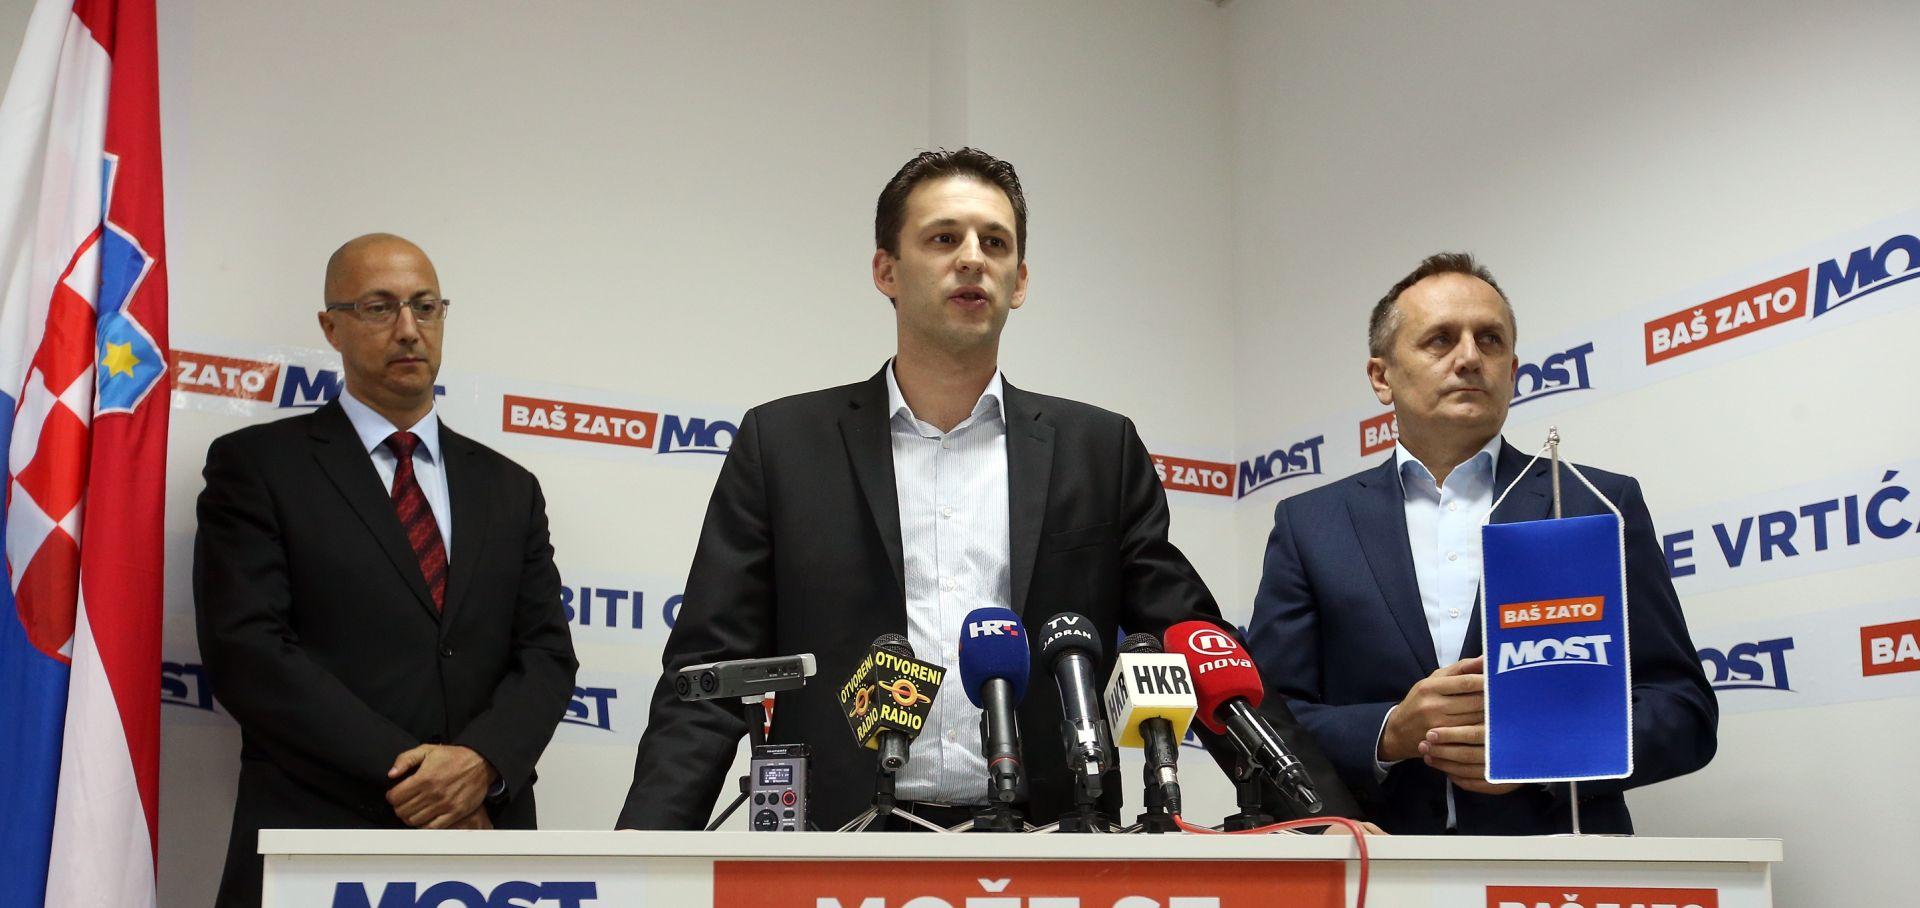 IZBORI 2015. Na konferenciji o socijalnoj politici u programima stranaka samo MOST i Bandić